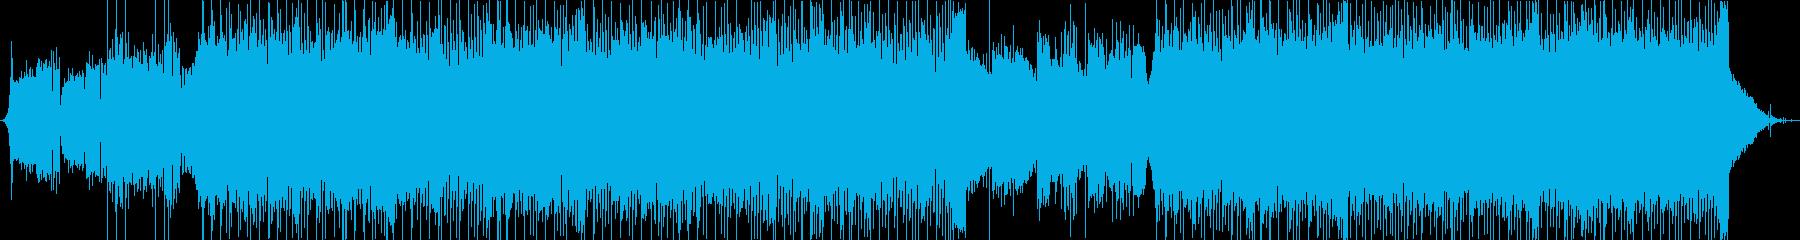 トラップ ヒップホップ 実験的 ス...の再生済みの波形